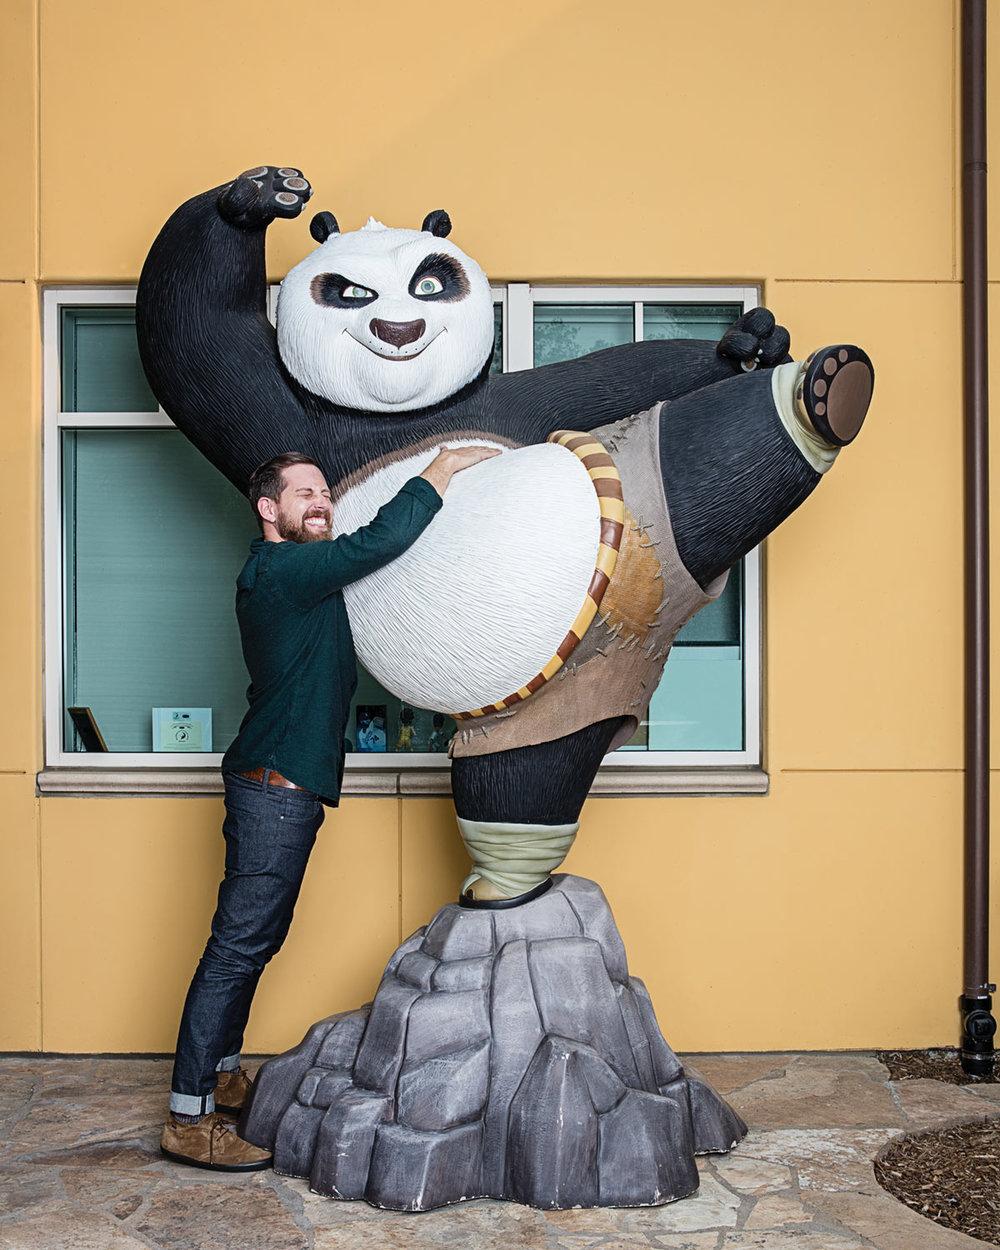 jon-gutman-panda.jpg